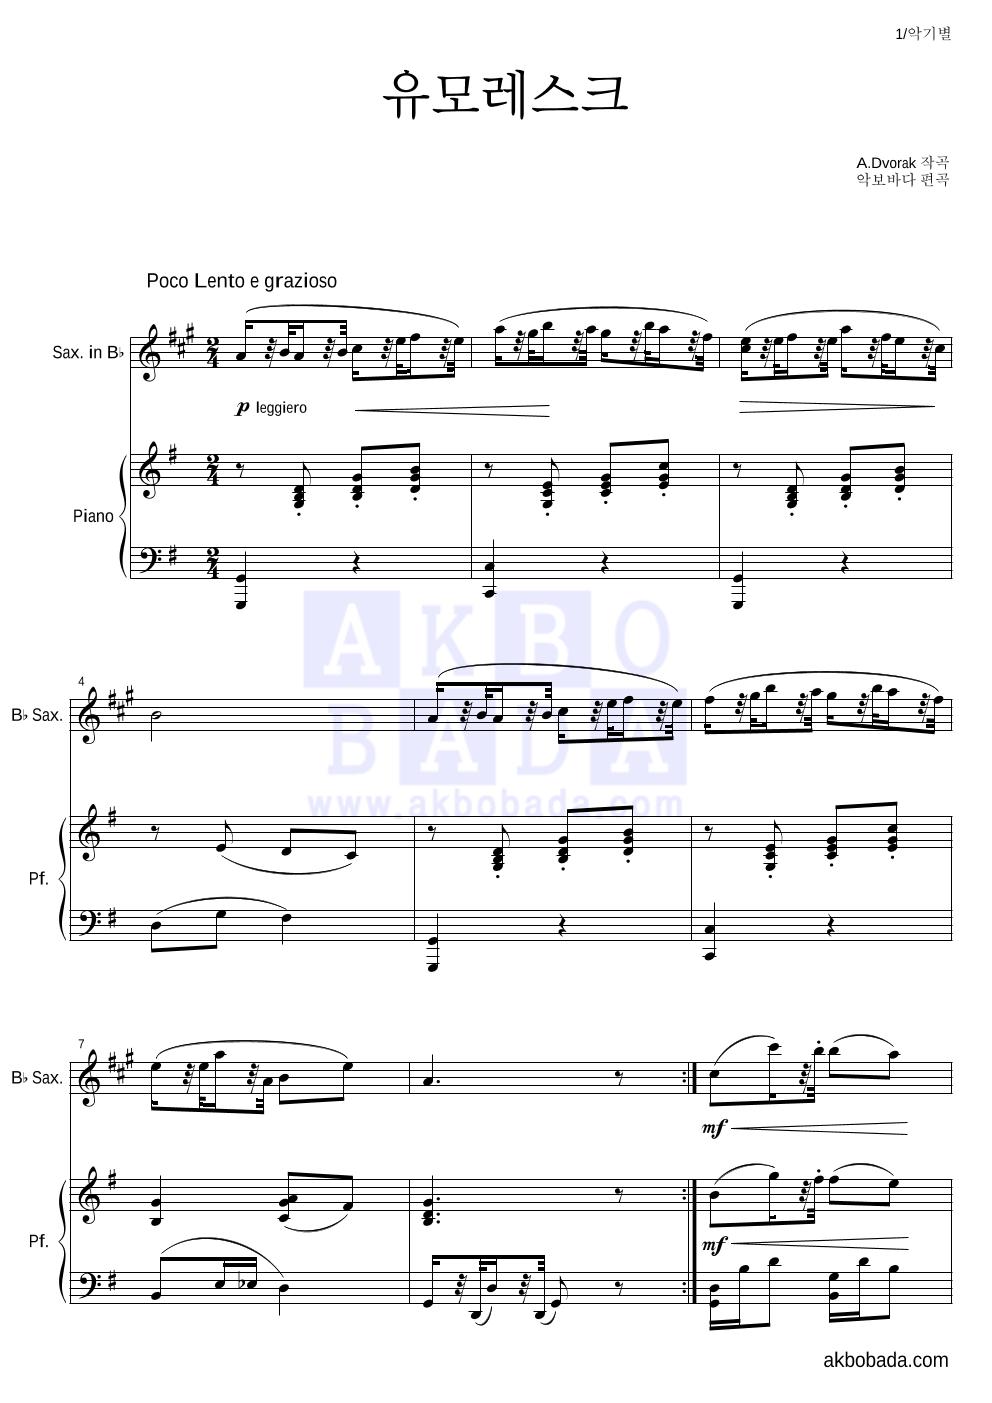 드보르작 - 유모레스크 Bb색소폰&피아노 악보